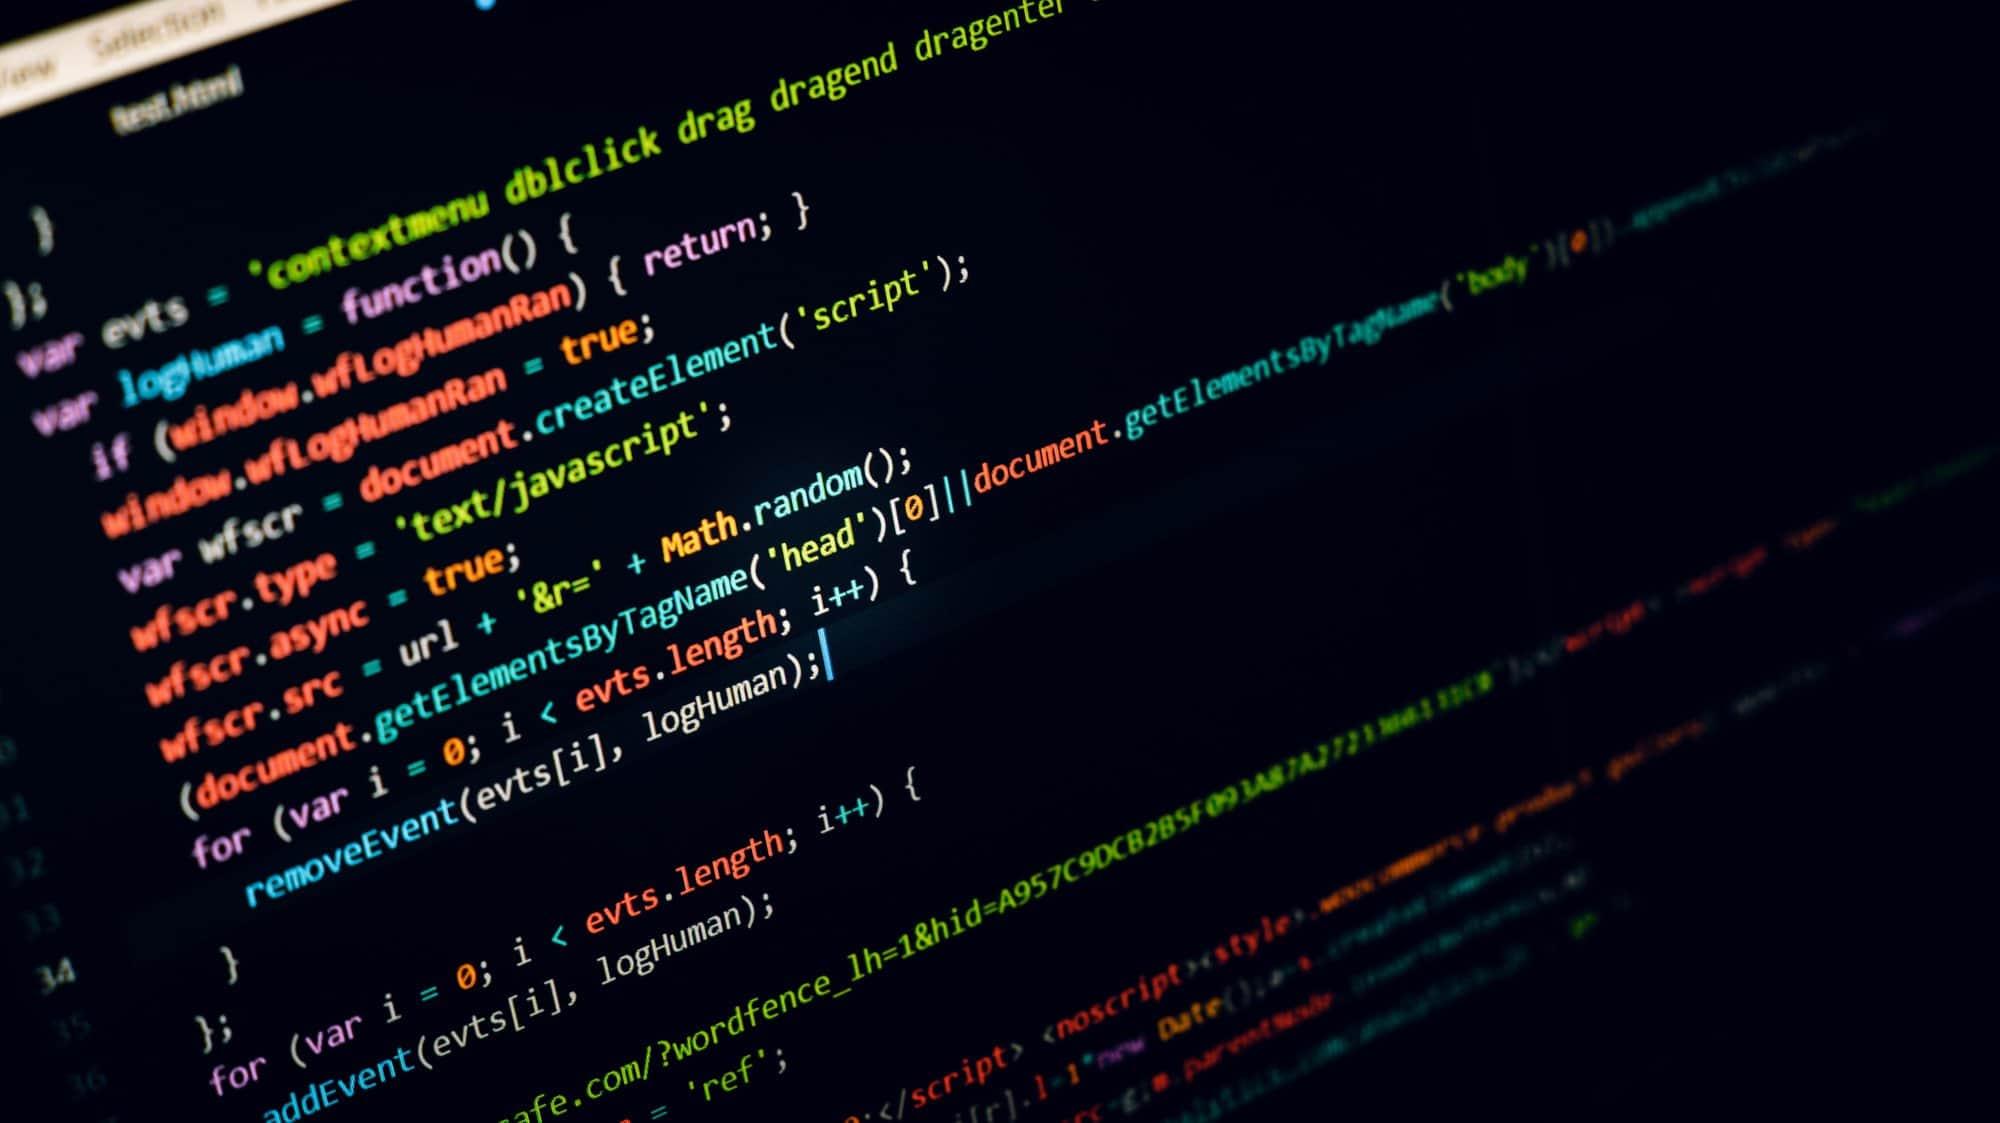 Cyberversicherung: Die Einschläge kommen näher